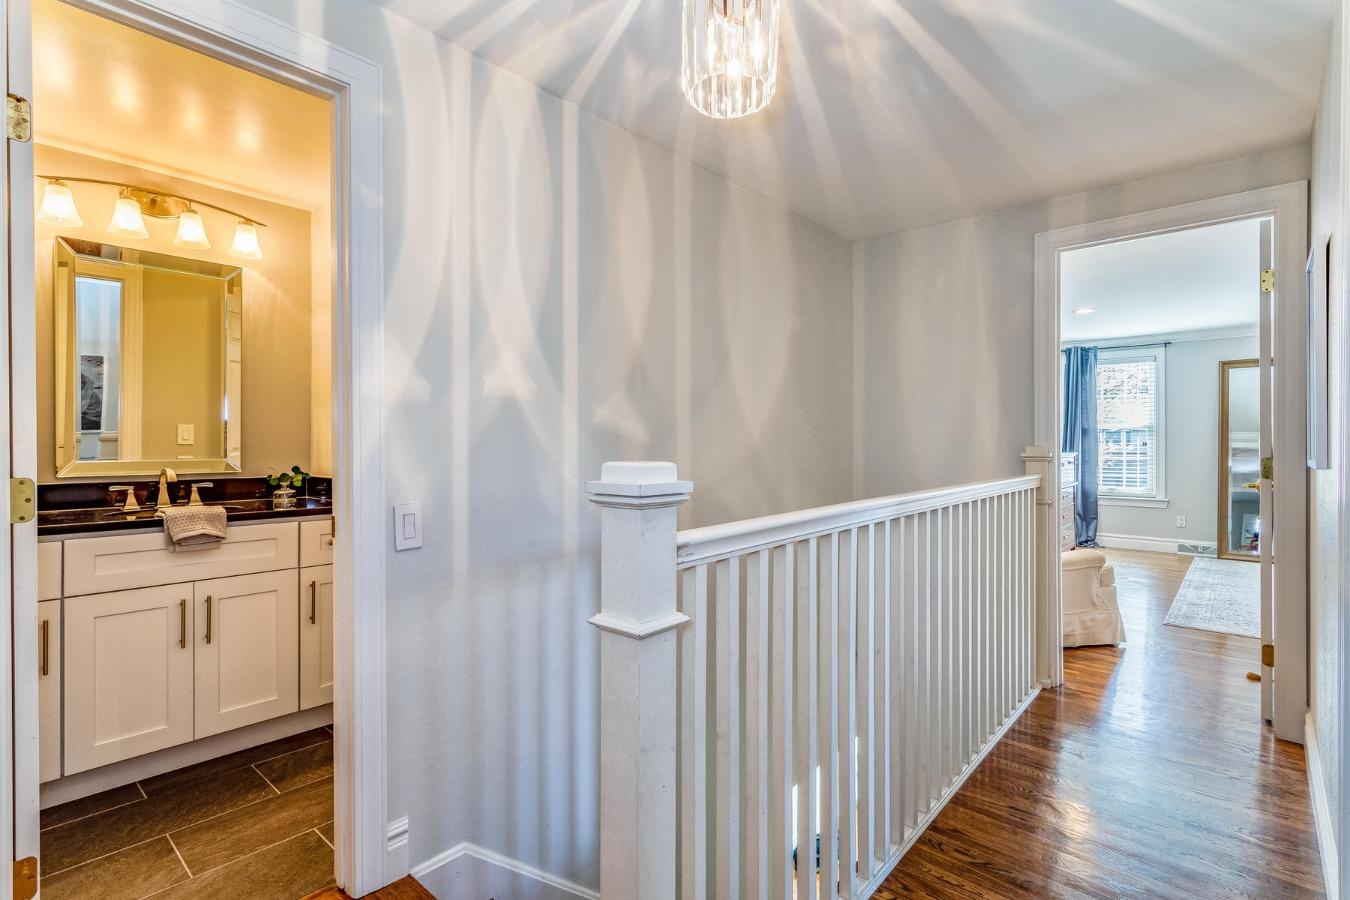 Upper Hallway to Bedrooms